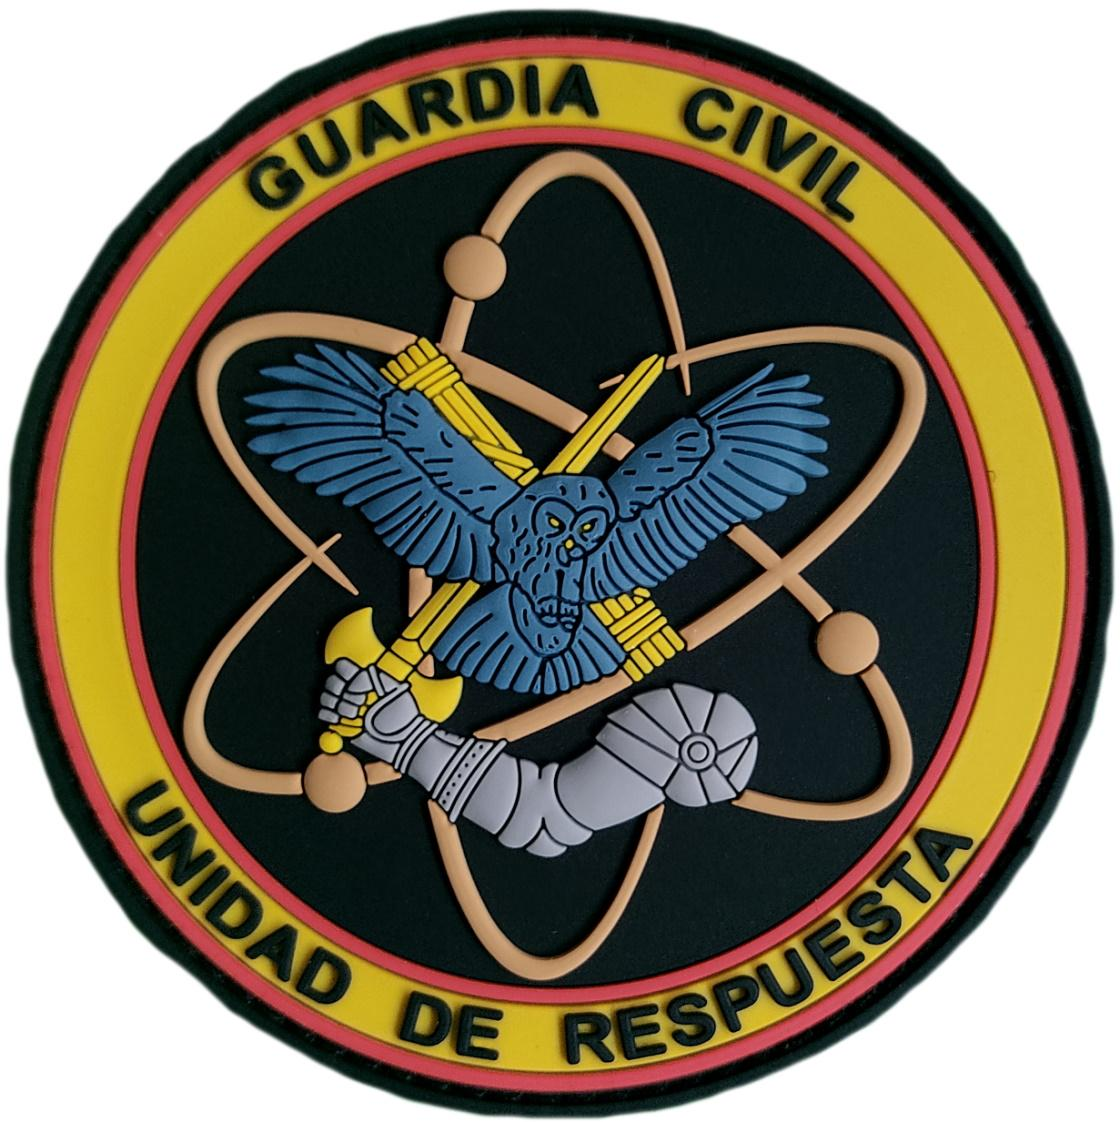 Guardia Civil Grupo de Reserva y Seguridad GRS Unidad de Respuesta parche insignia emblema distintivo